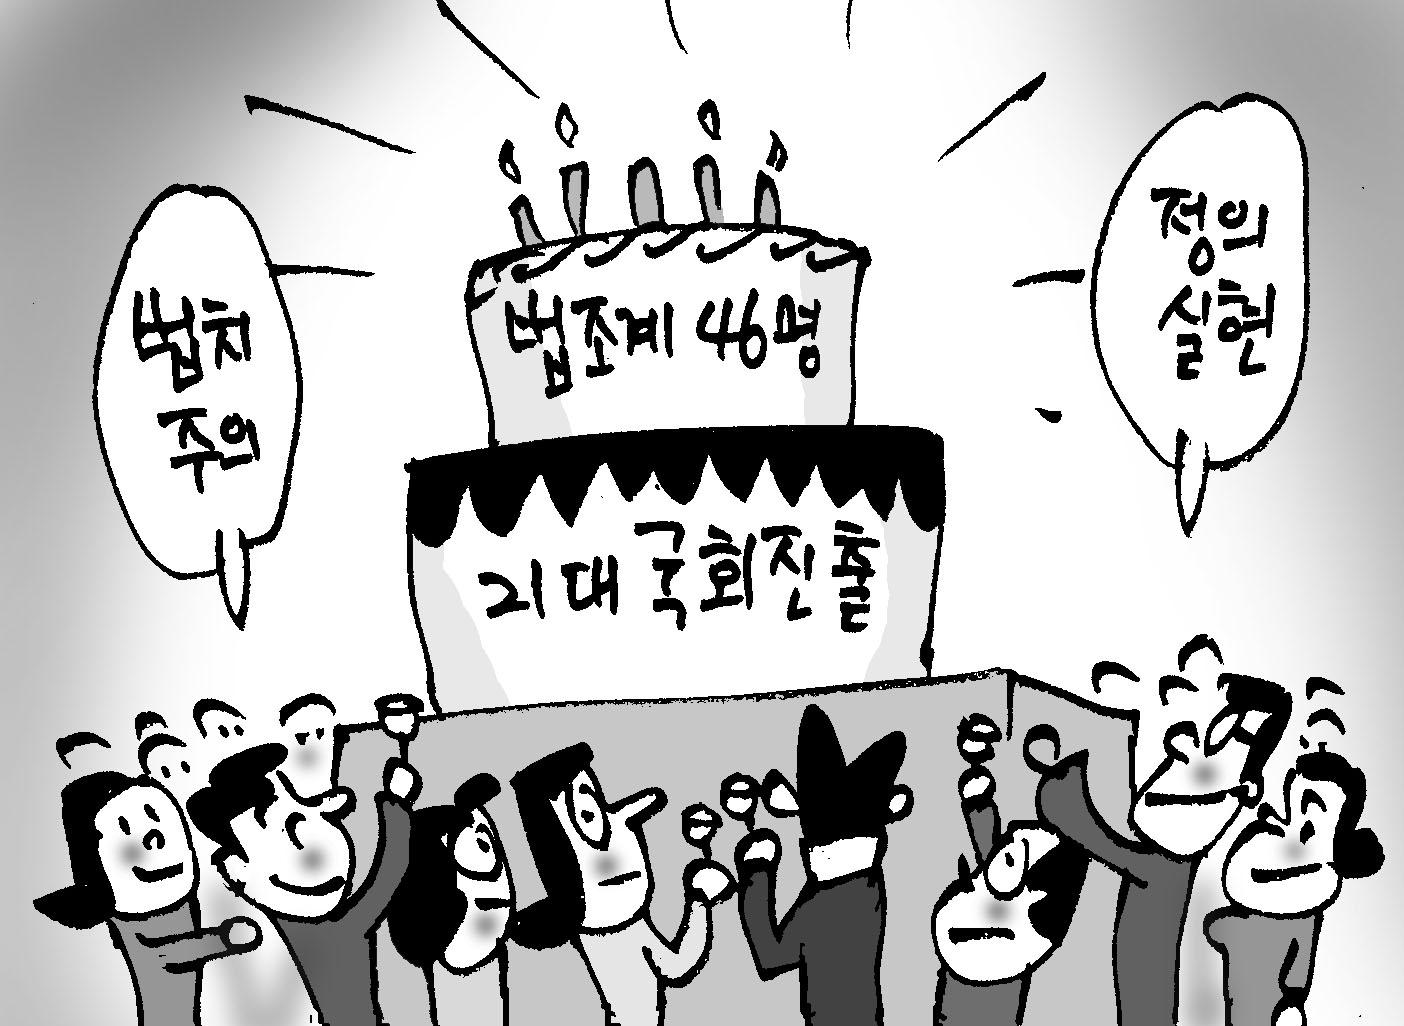 법조계, 여당發 '사법개혁 강공 드라이브'에 촉각